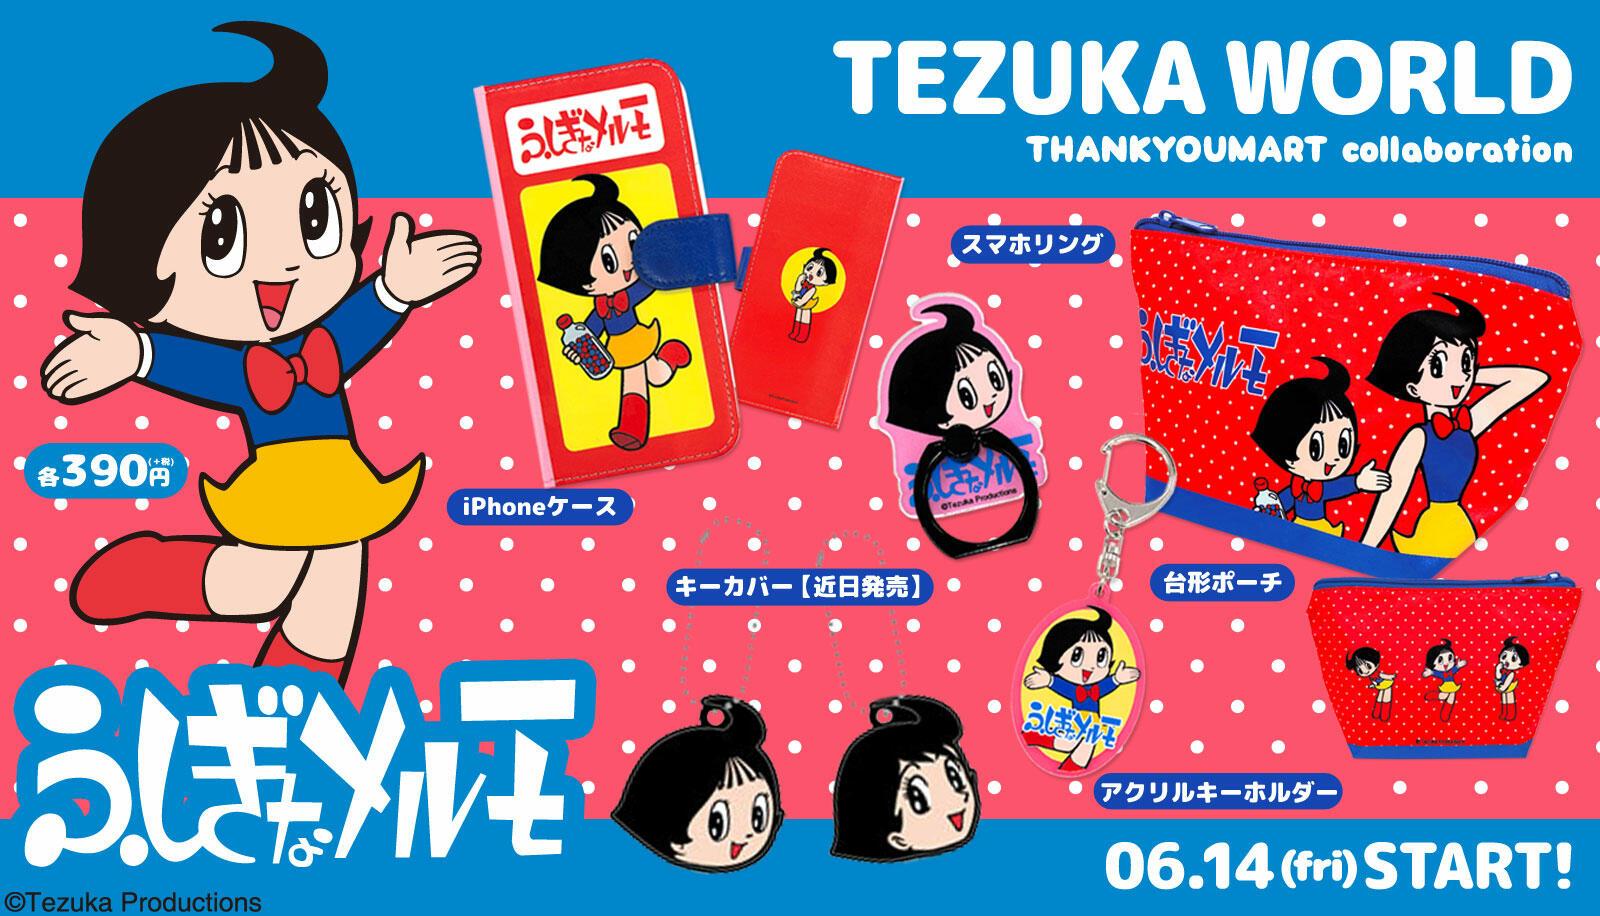 ≪新商品情報≫『TEZUKA WORLD』×...